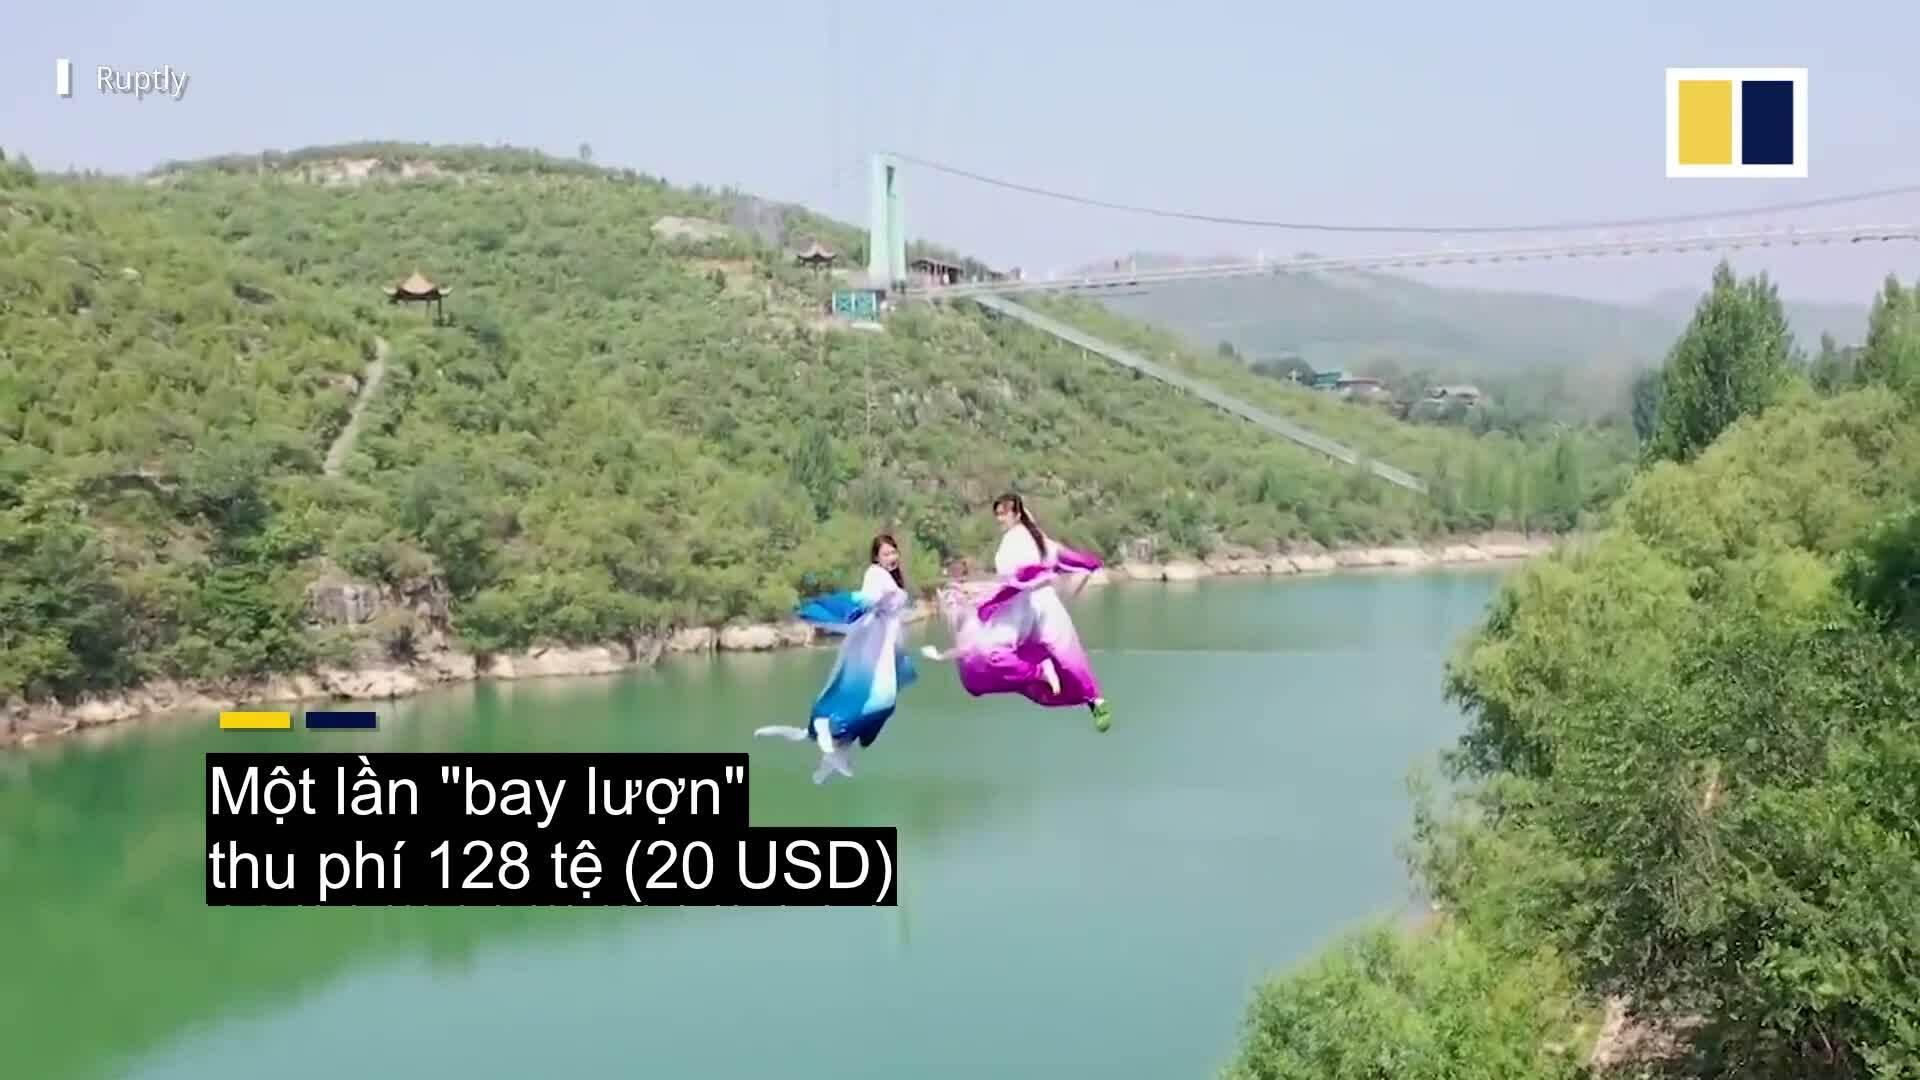 Du khách bay lượn qua sông như phim kiếm hiệp